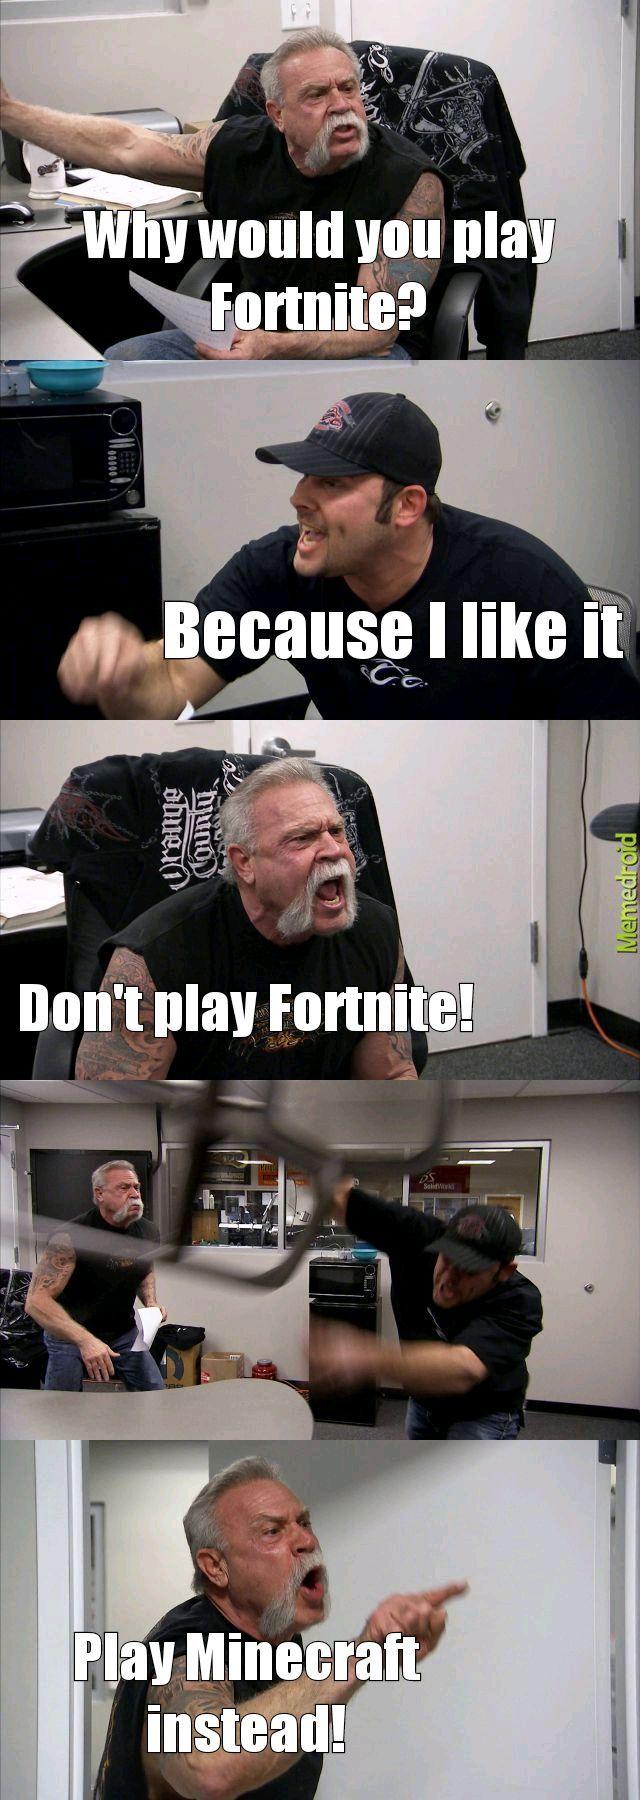 Don't play Fortnite - meme